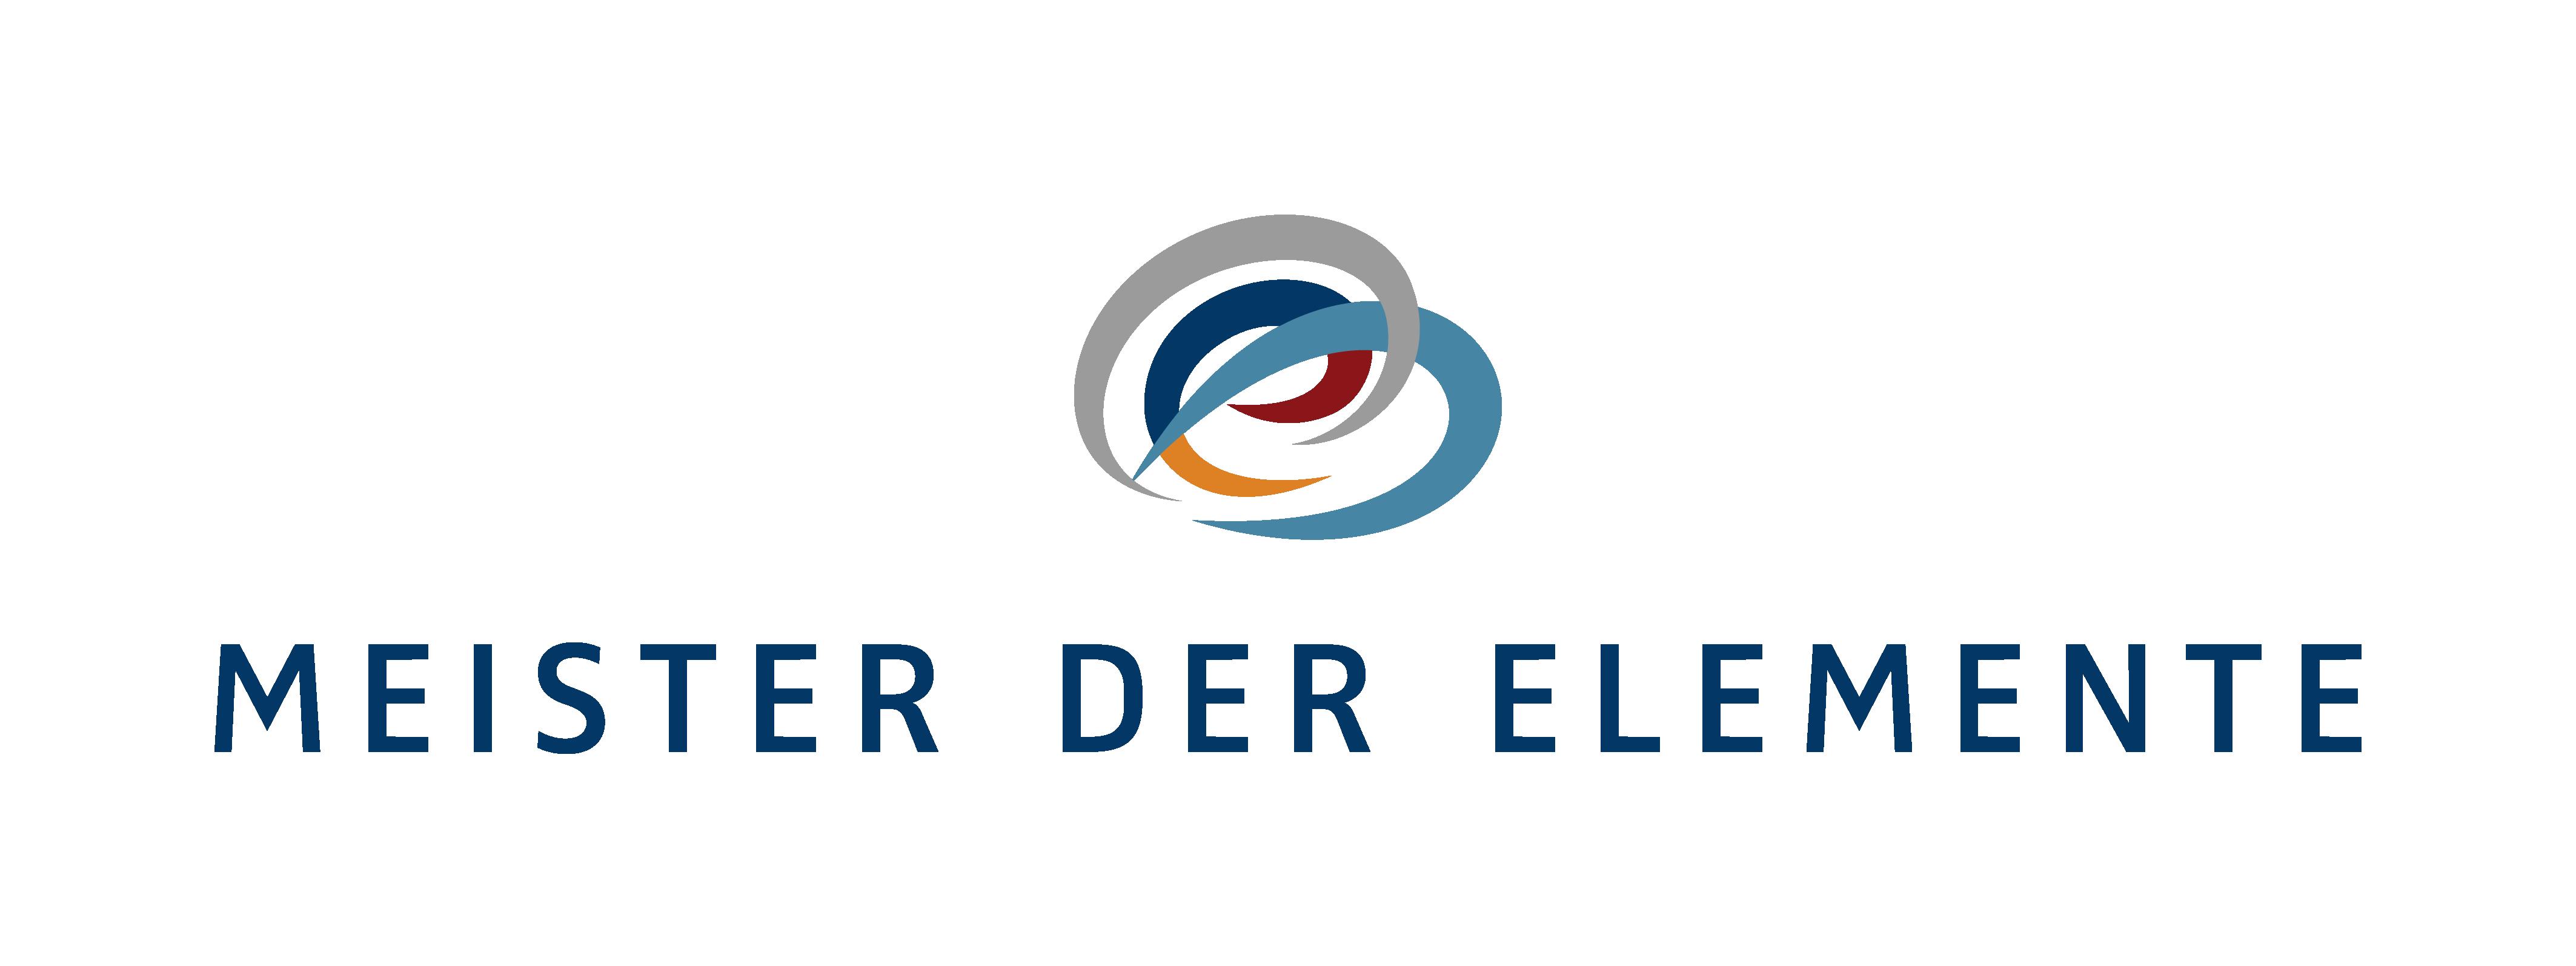 Meister der Elemente